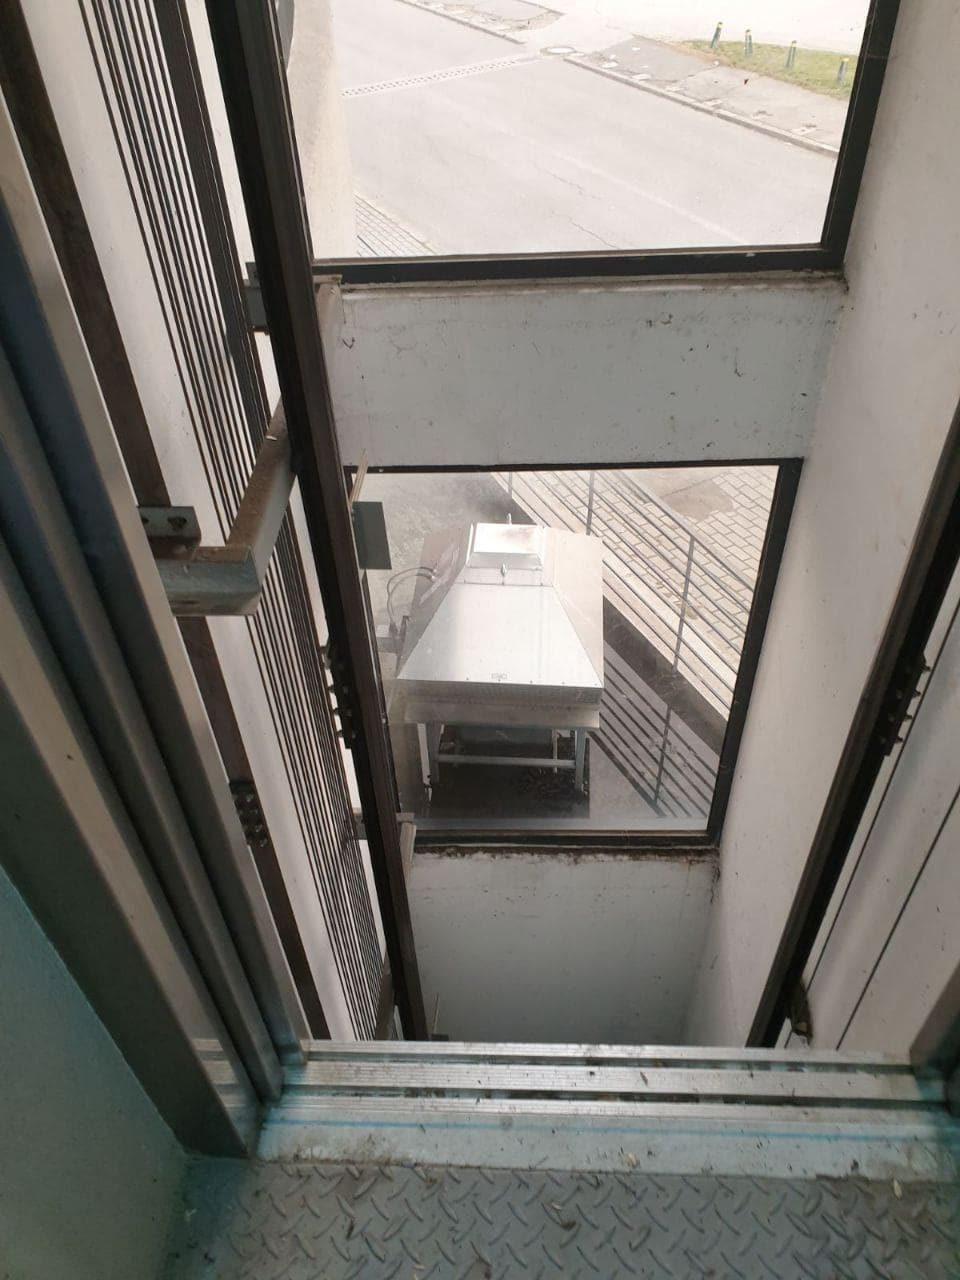 АДСДП: Вандали го отворија расипаниот лифт, повторно е затворен и означен